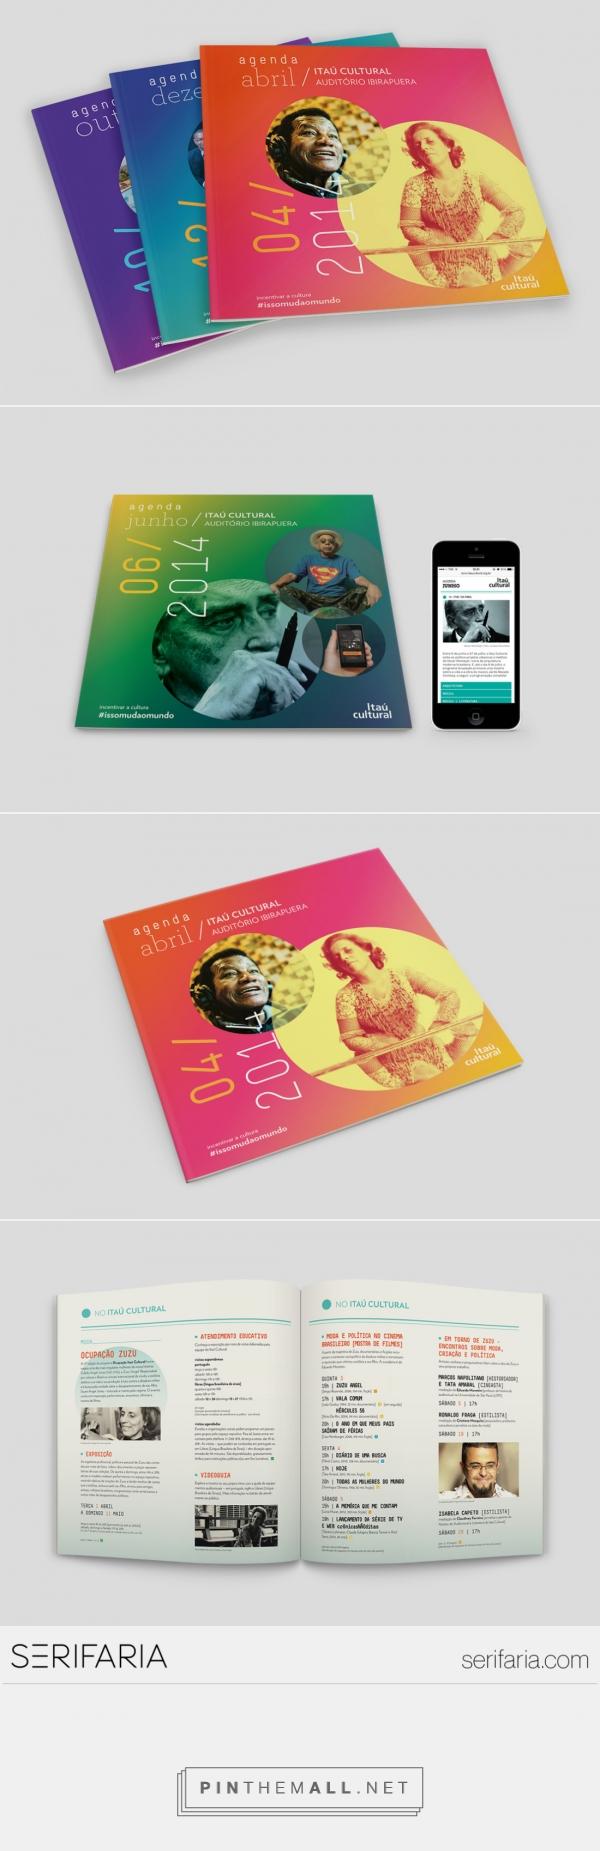 www.serifaria.com [SERIFARIA   graphic design studio] Programação cultural do Itaú Cultural desenvolvida mensalmente pela Serifaria nas versões impressa e digital (mobile).